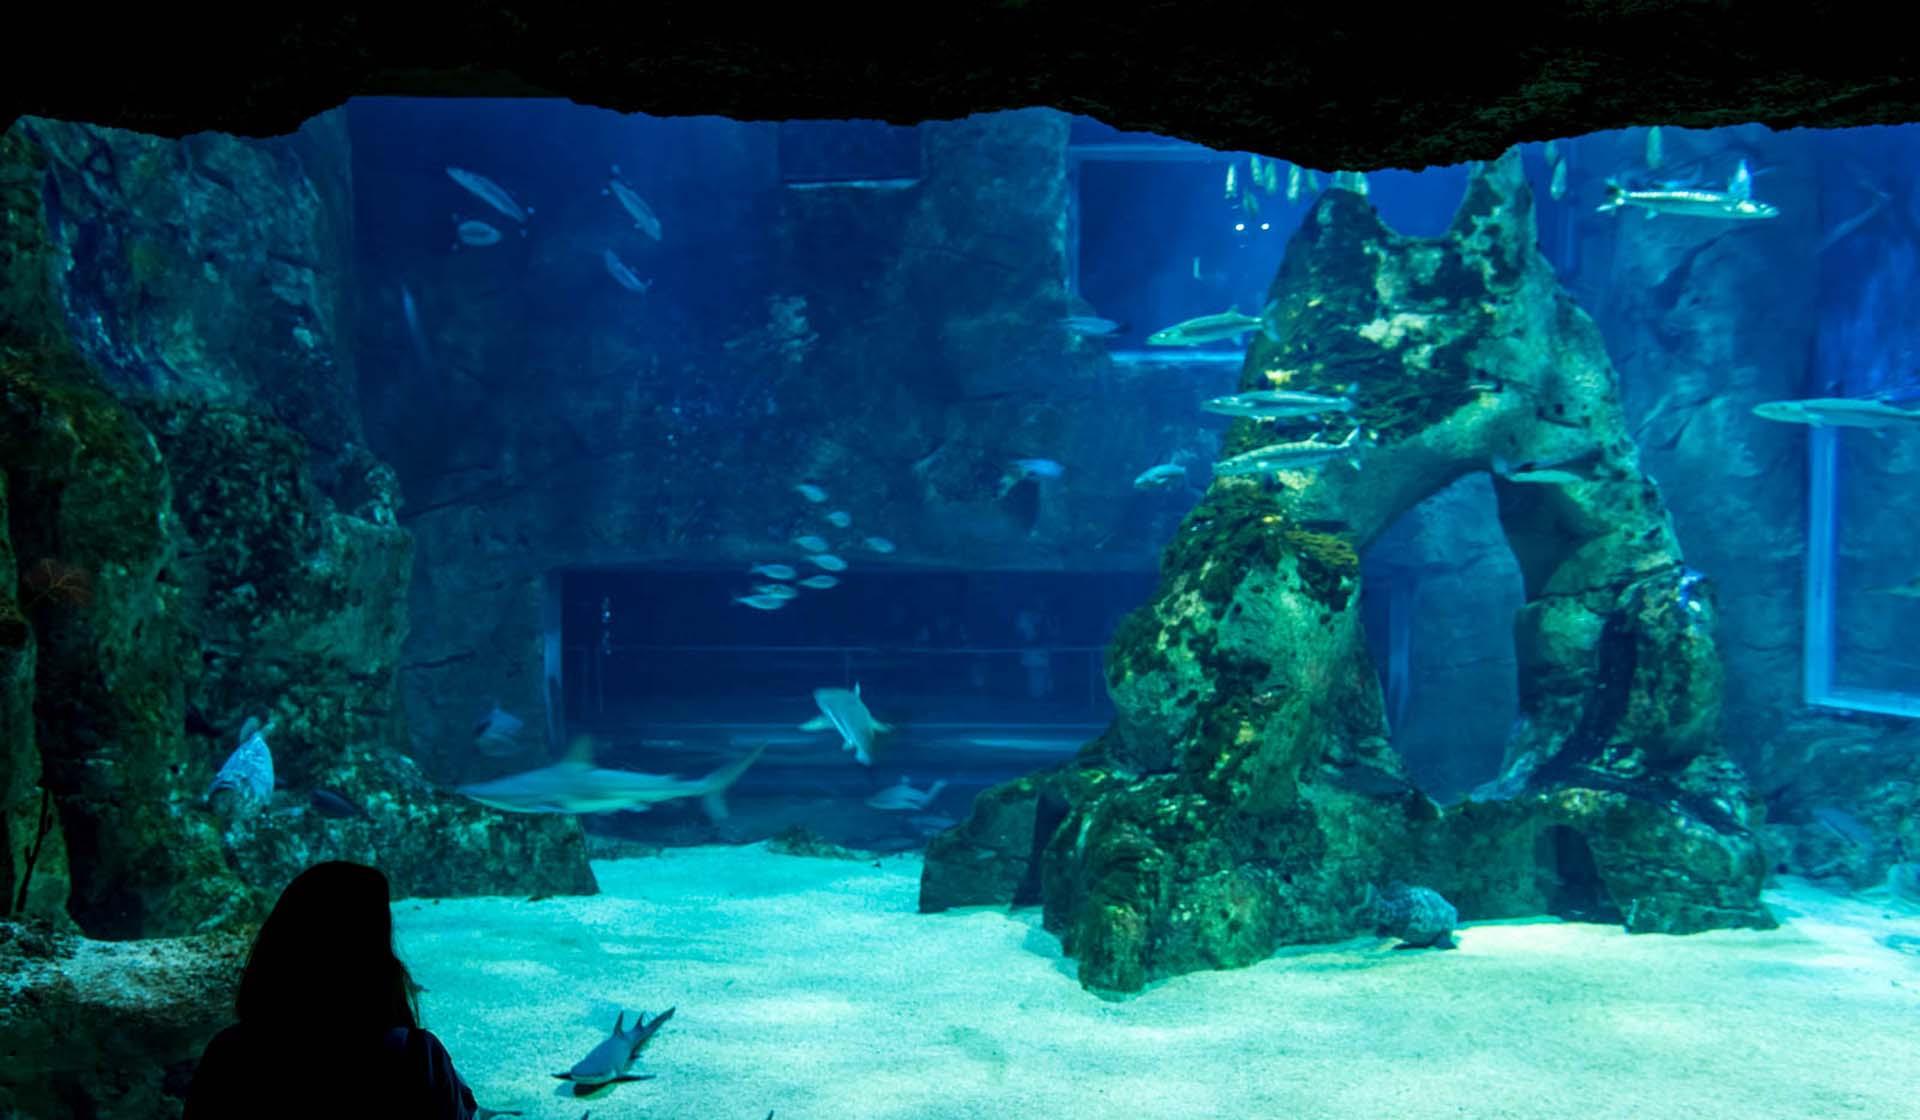 El aquarium, uno de los puntos más visitados por los turistas